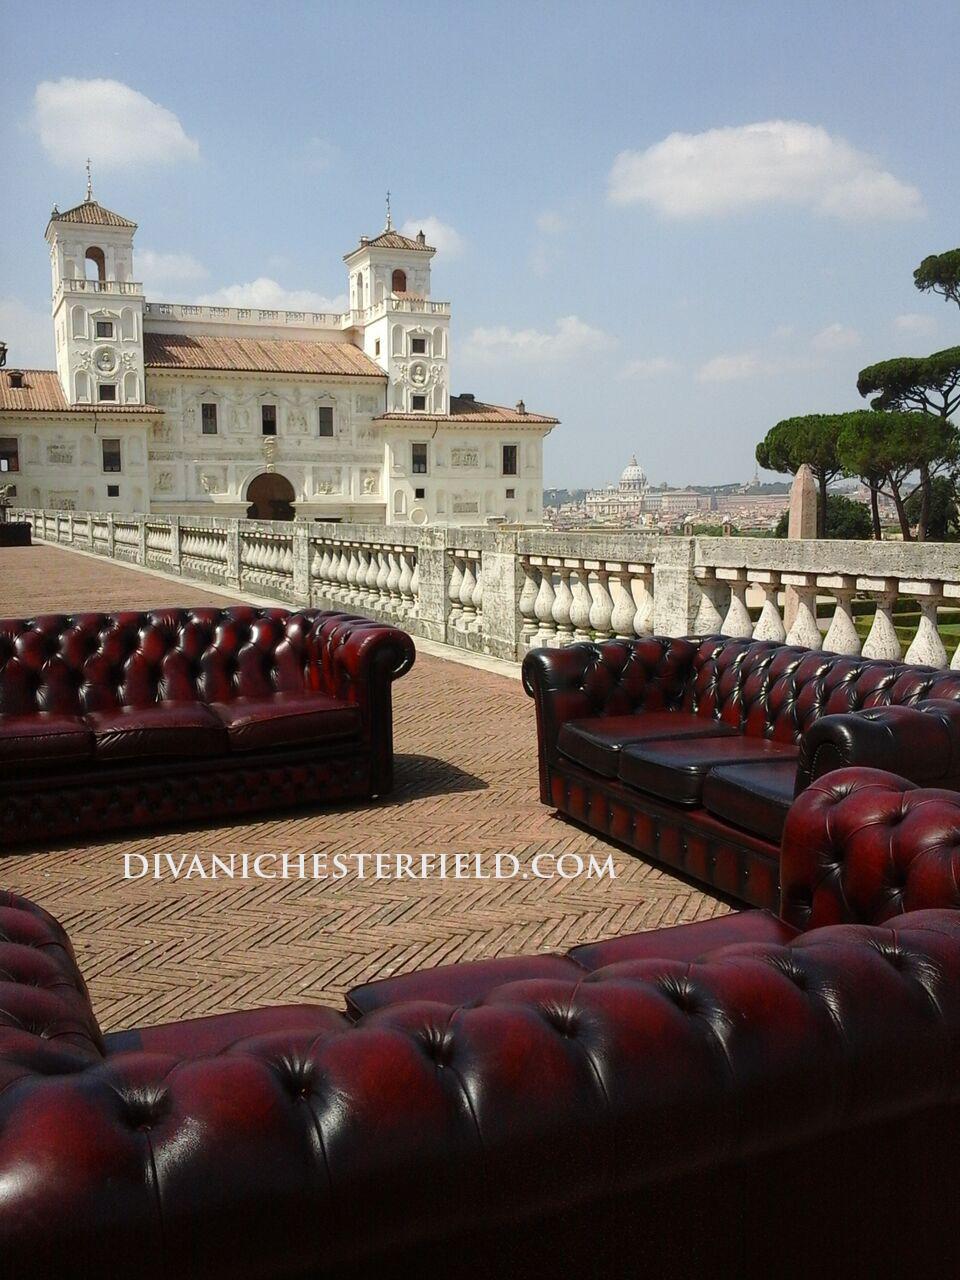 Noleggio divani chesterfield affitto poltrone chester for Divani chesterfield roma